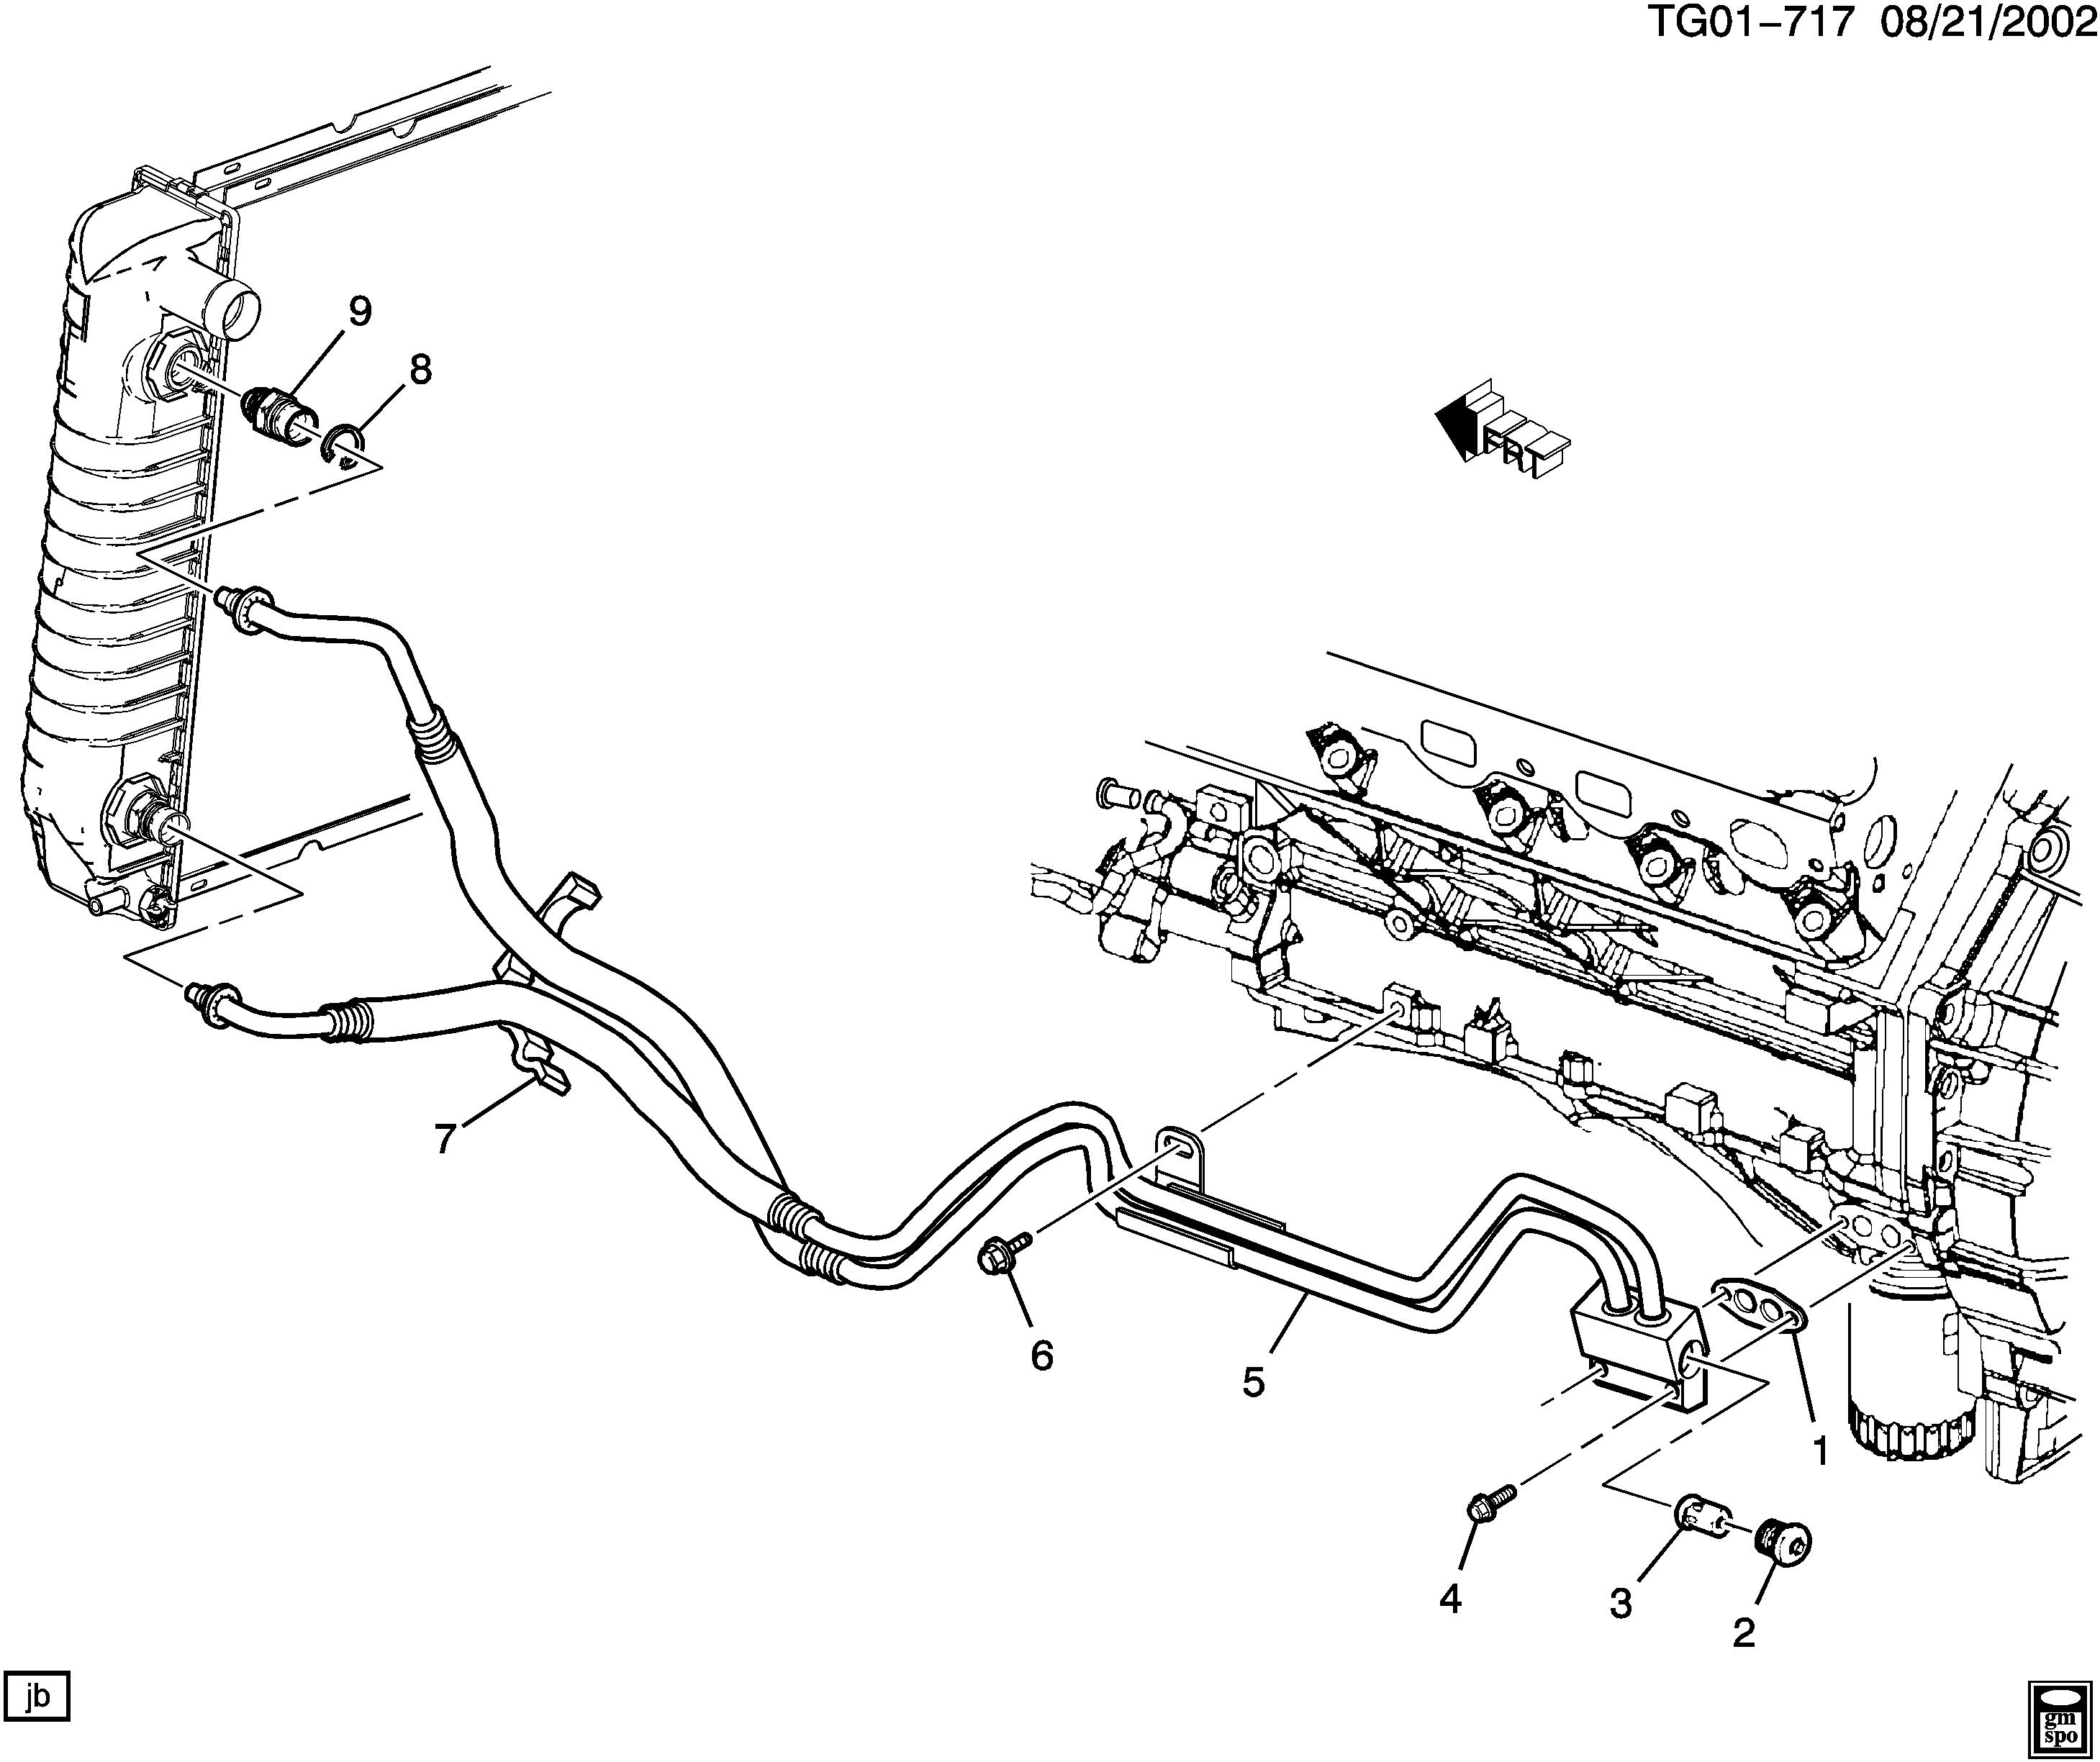 lq4 engine diagram wiring schematics Chevrolet LS1 Engine